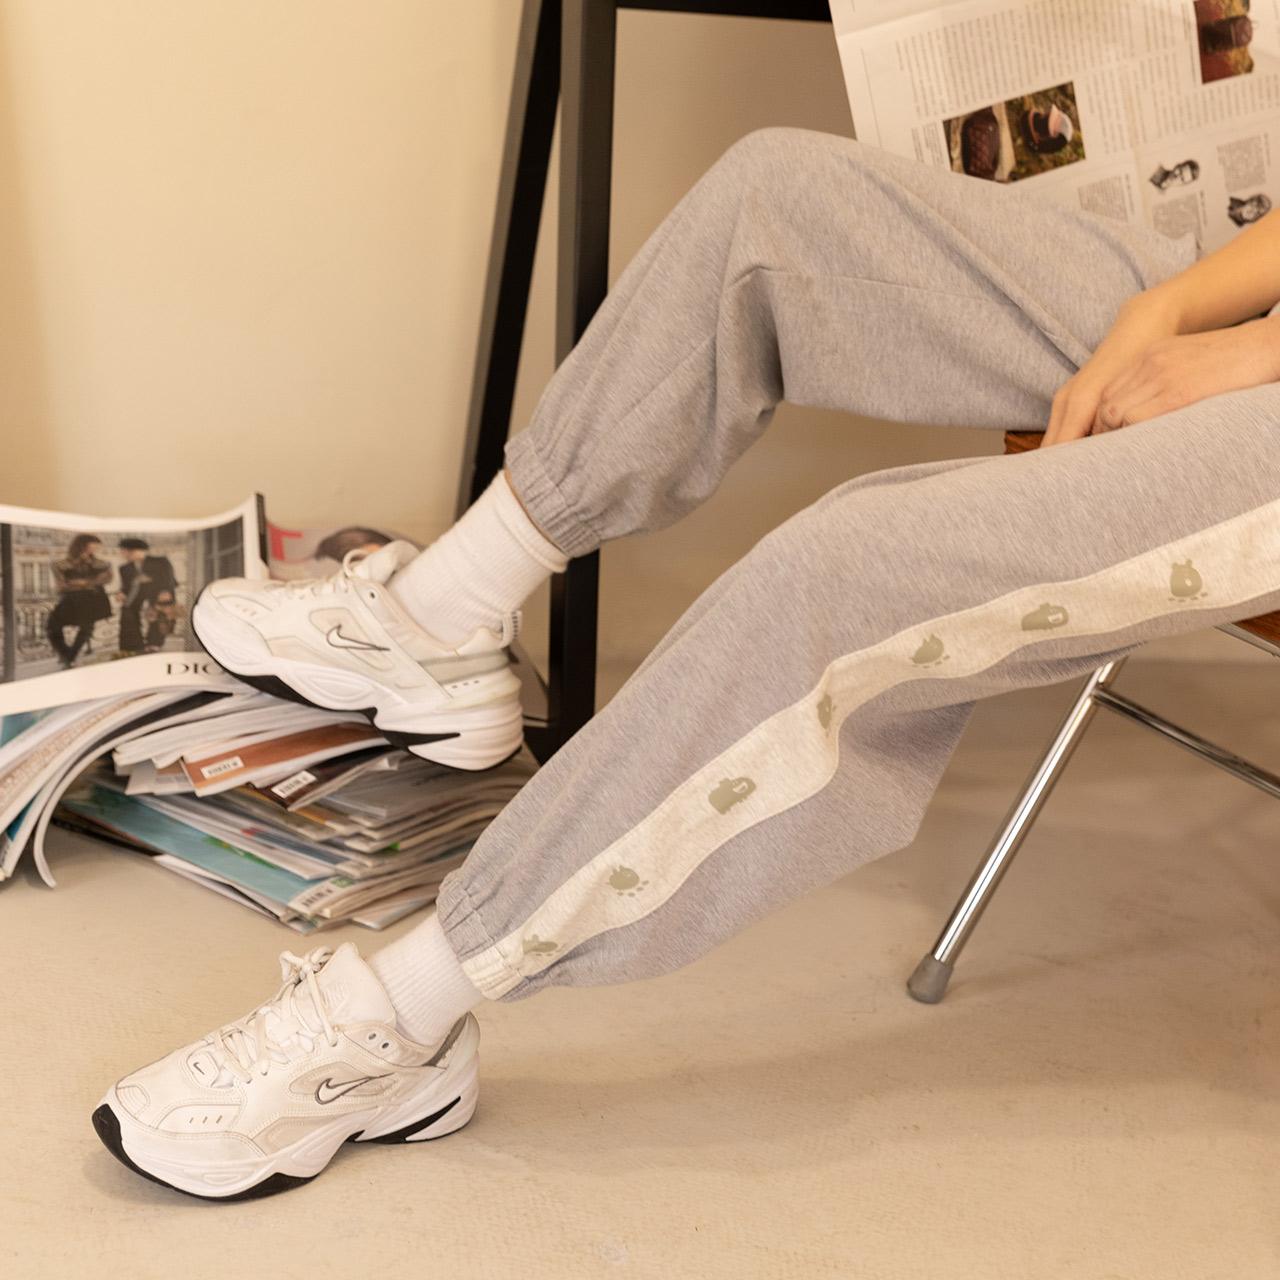 尔给灰色运动裤女夏季薄款宽松束脚卫裤新款休闲裤女小个子裤子